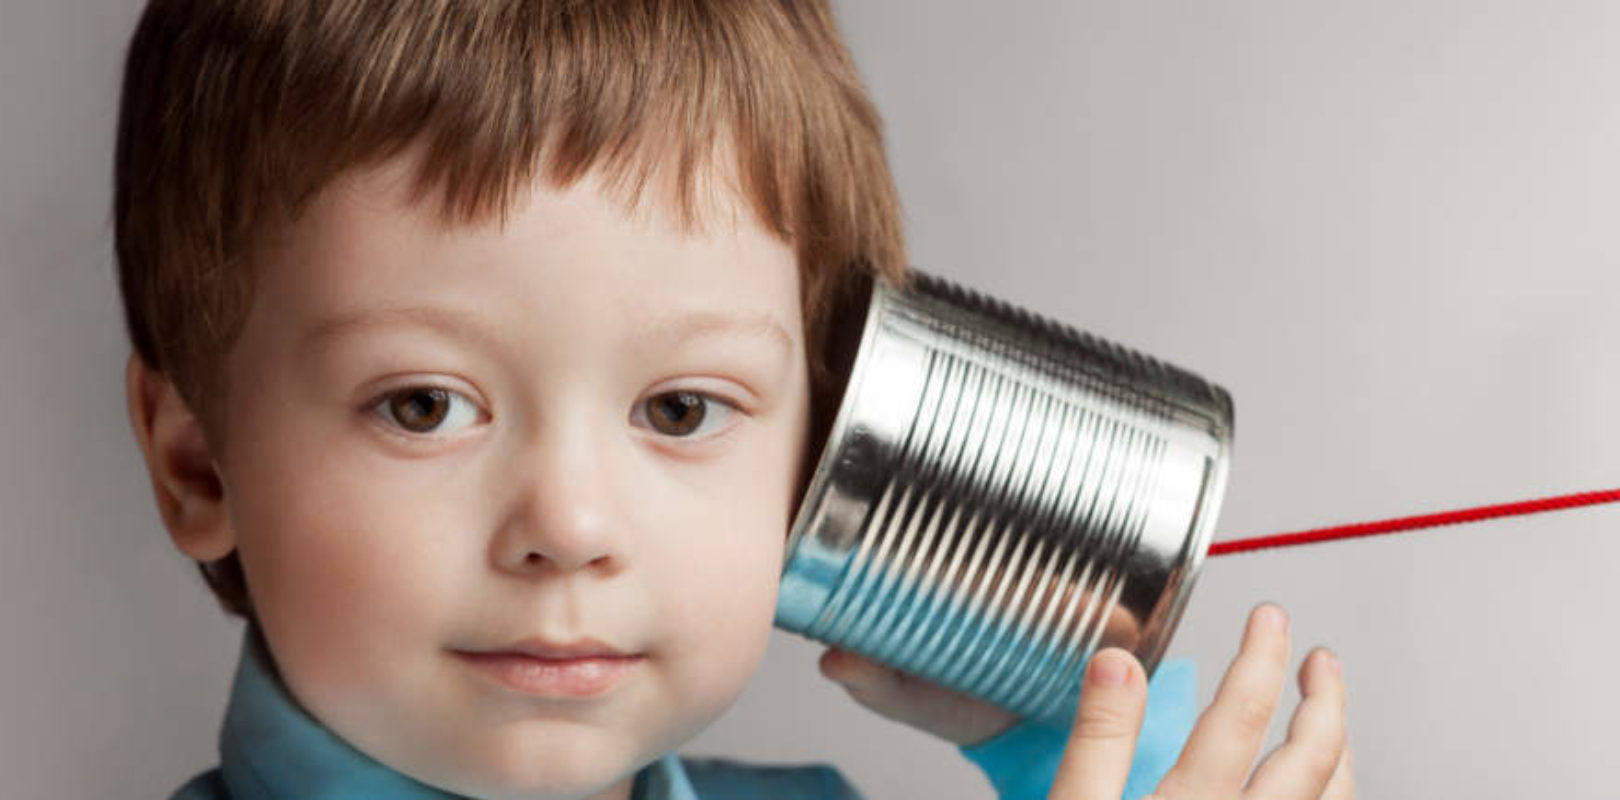 Sprachprobleme Bei Kindern Wann Muss Ein Kind Sprechen Können